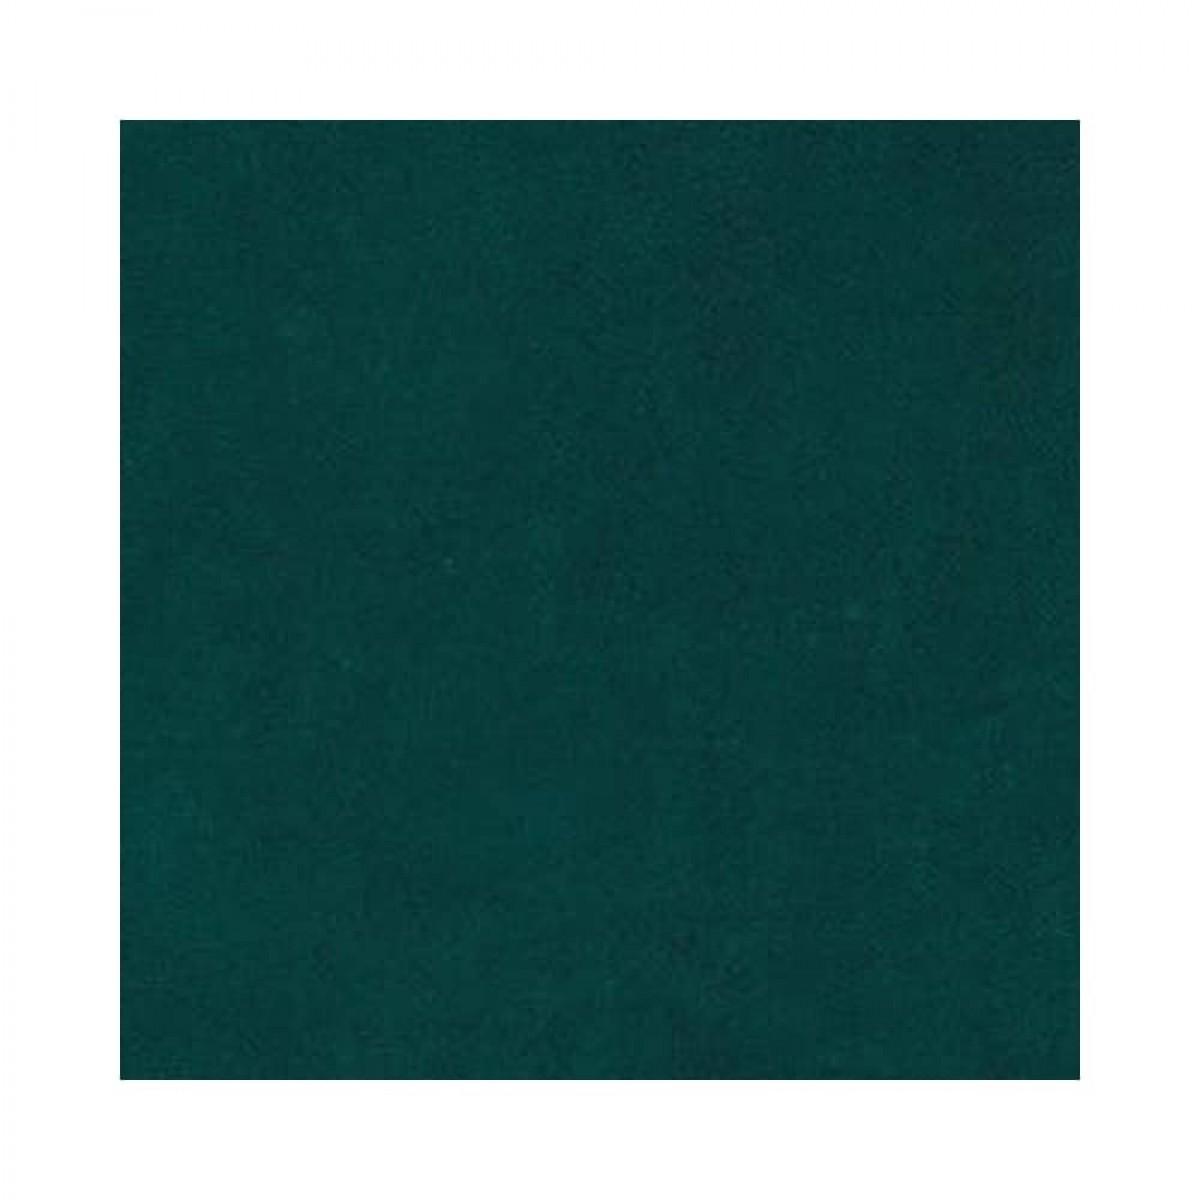 bobi taske - green - kvalitet